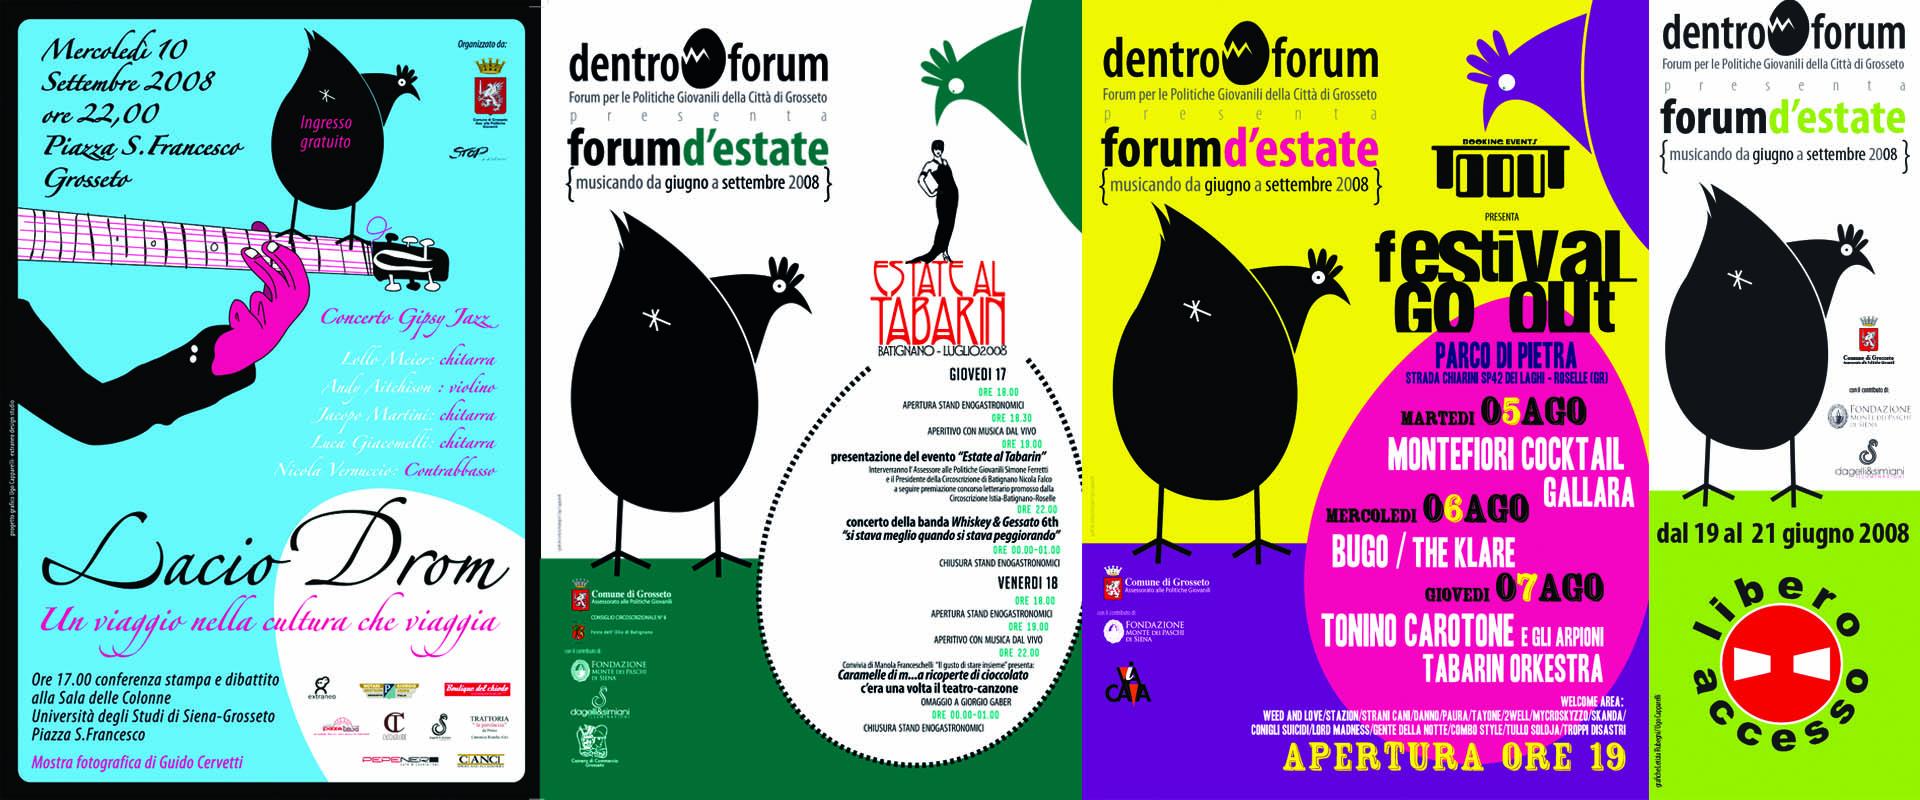 aironic_ugo_capparelli_comunicazione_locandine_eventi_spettacoli